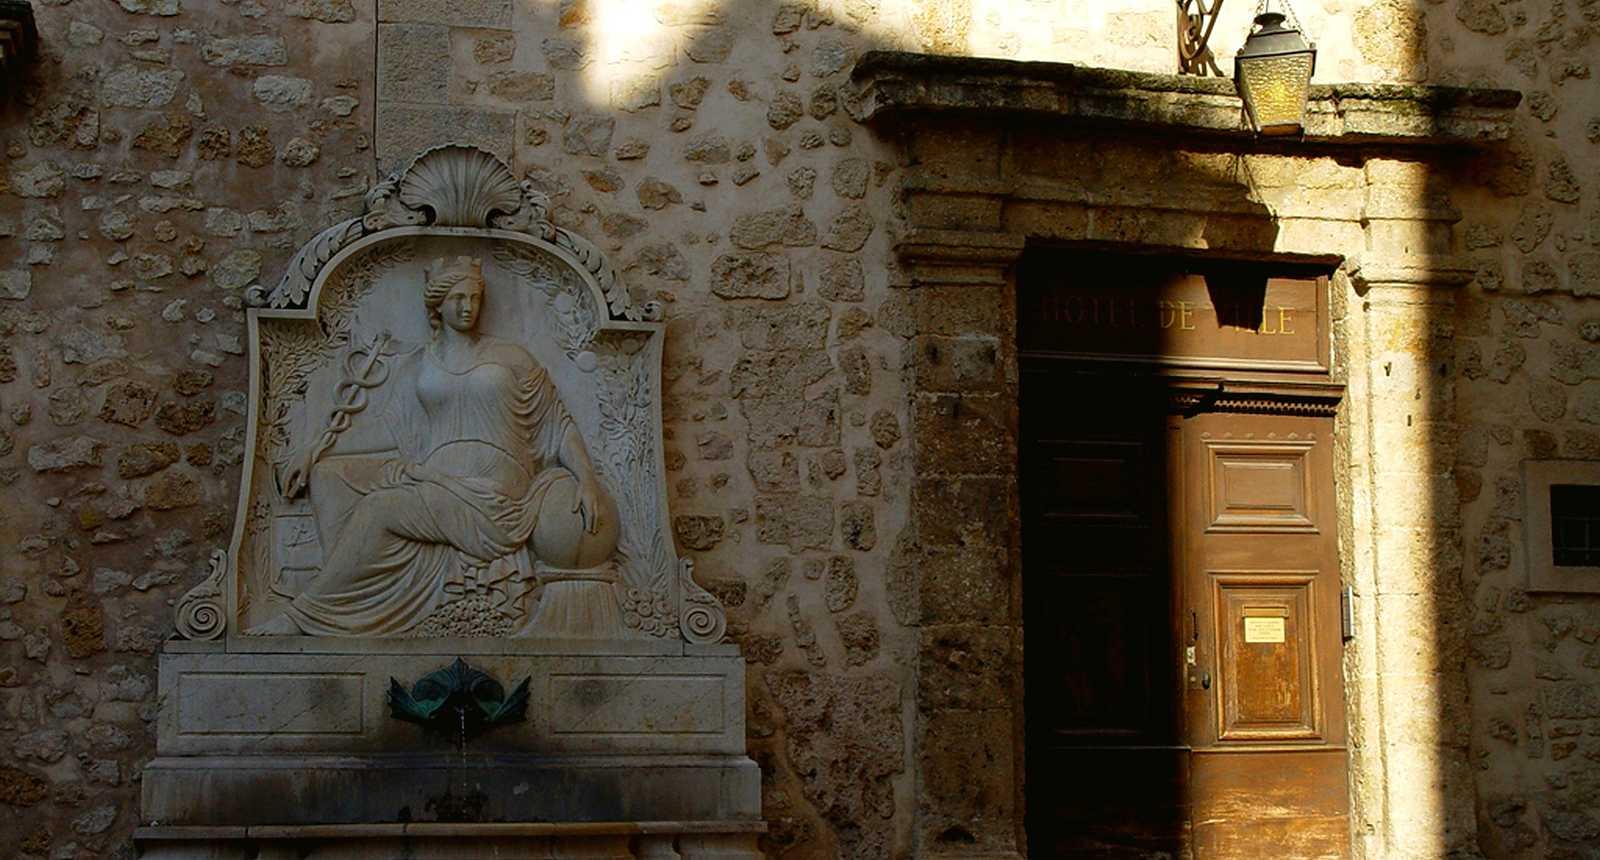 Porte et Fontaine de l'Hôtel de Ville de Grasse